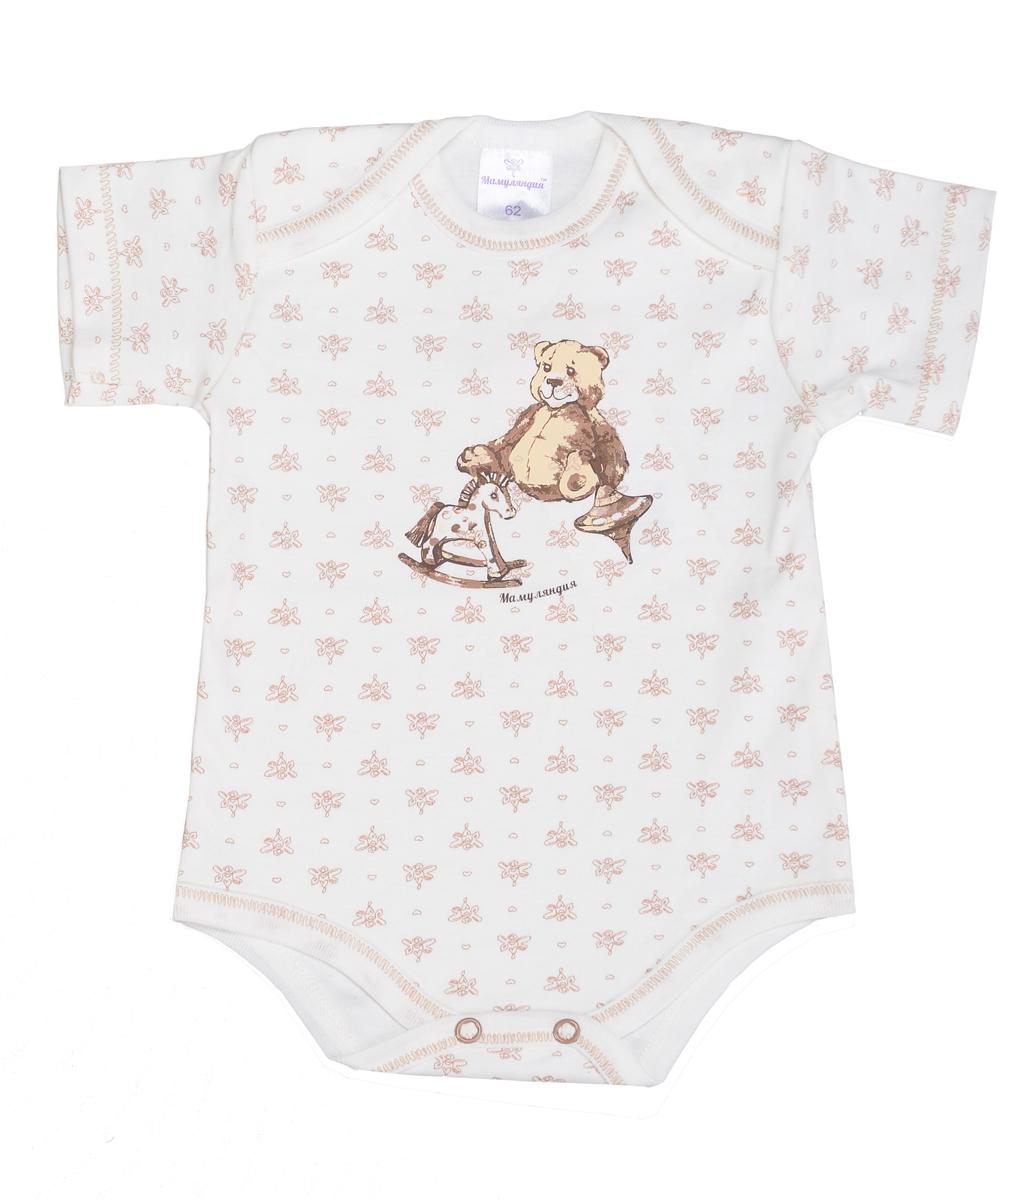 Боди детское Мамуляндия, цвет: бежевый. 15-508П. Размер 80 боди детское hudson baby hudson baby боди цыплёнок 3 шт бирюзово розовый